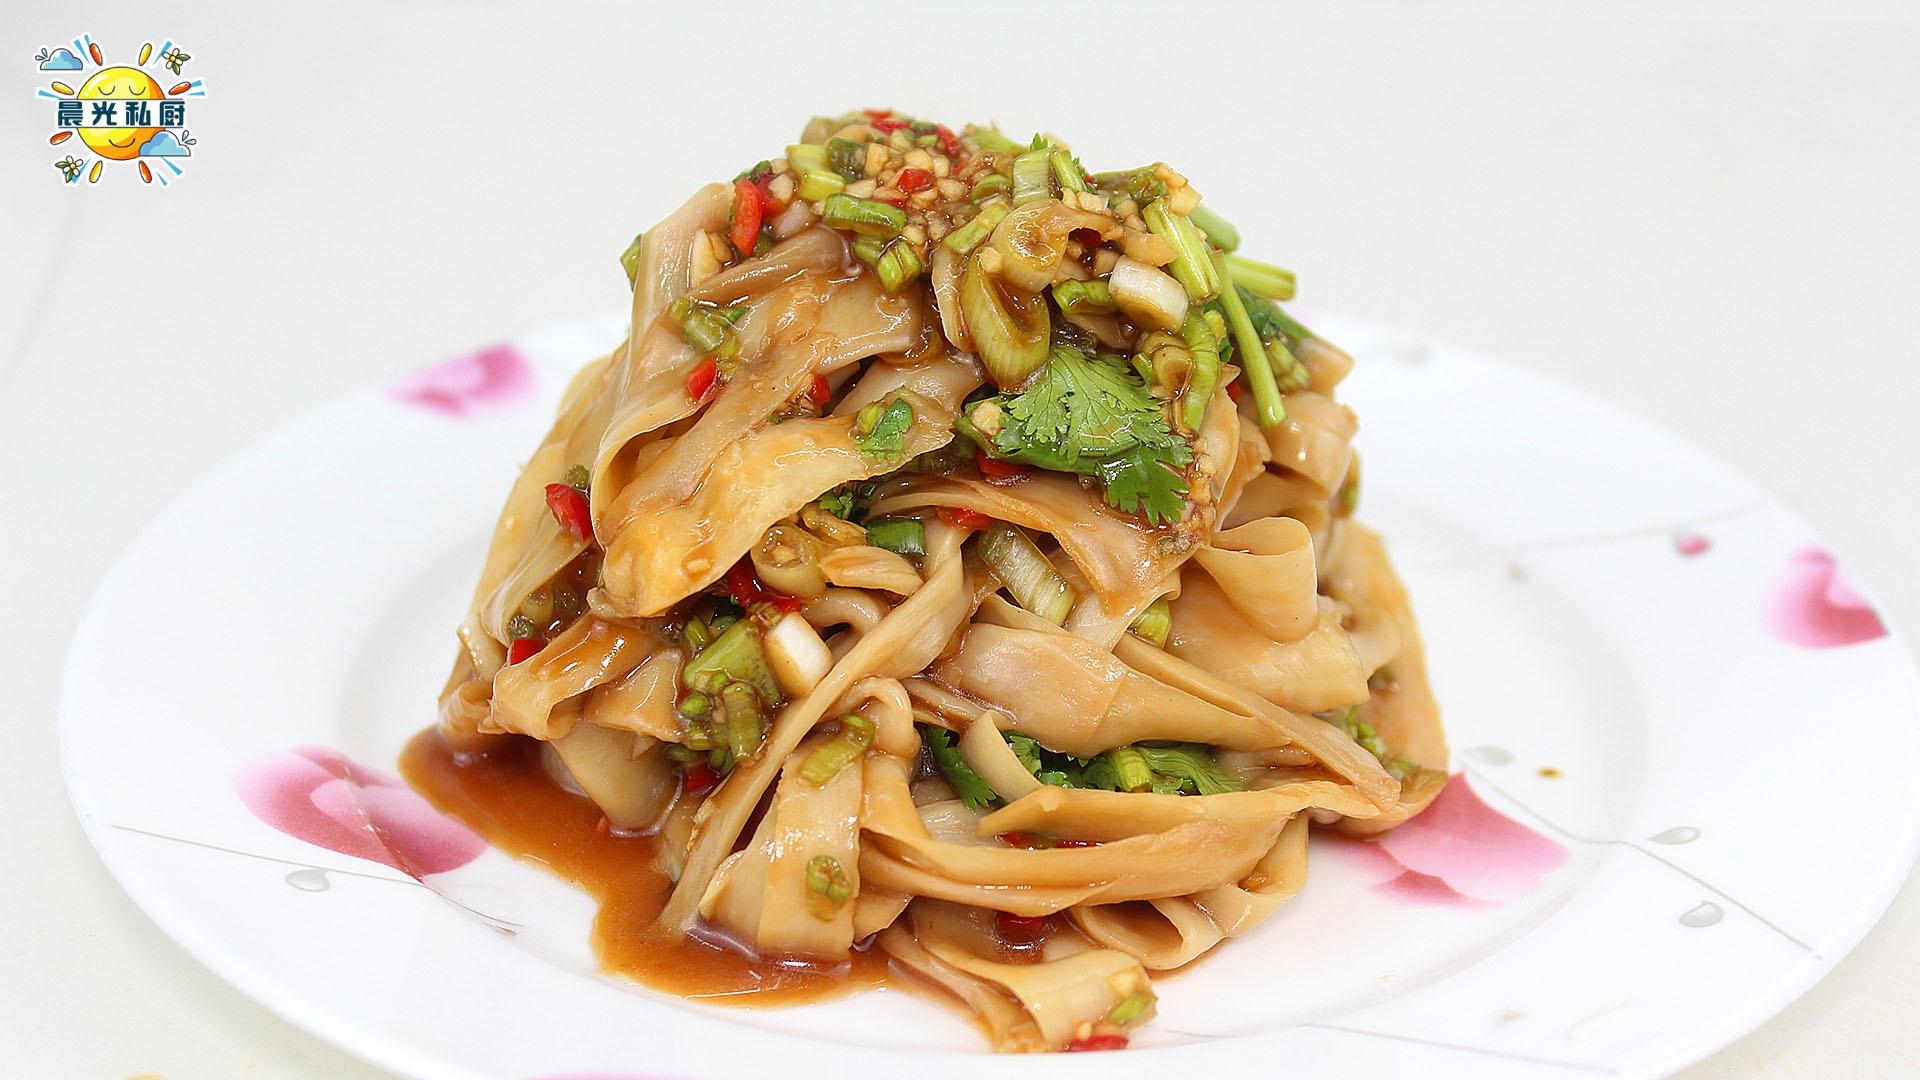 开胃小菜:凉拌杏鲍菇,零厨艺也能做的下酒小凉菜,好吃又简单